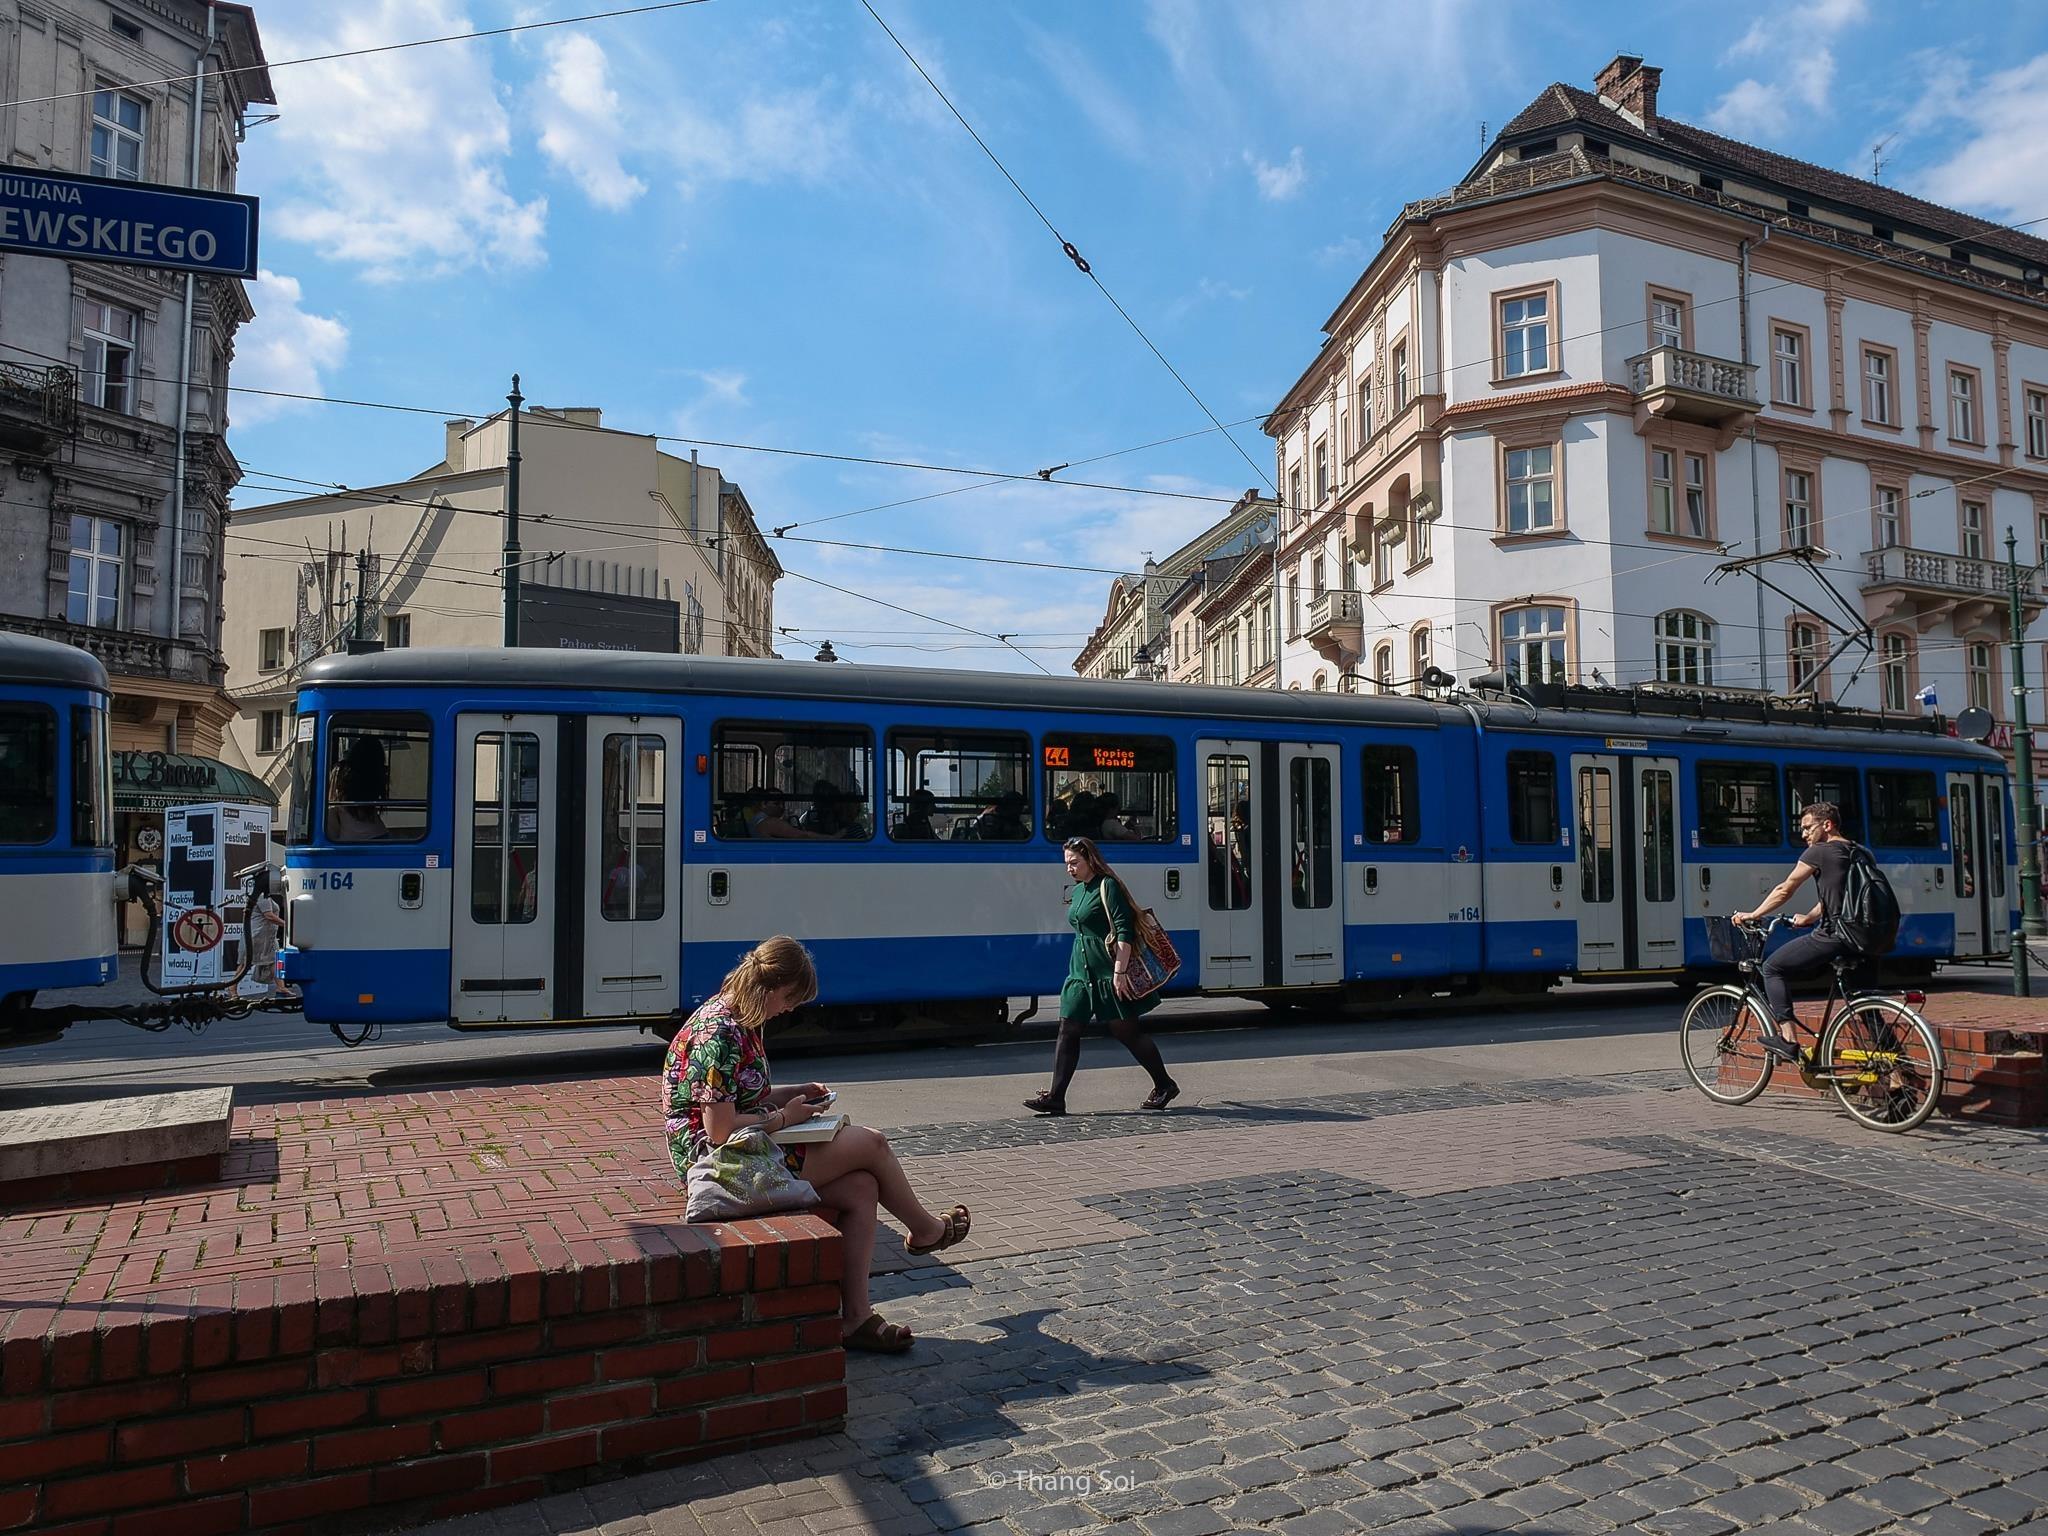 Krakow, kinh do co phai ghe tham khi den Ba Lan hinh anh 19